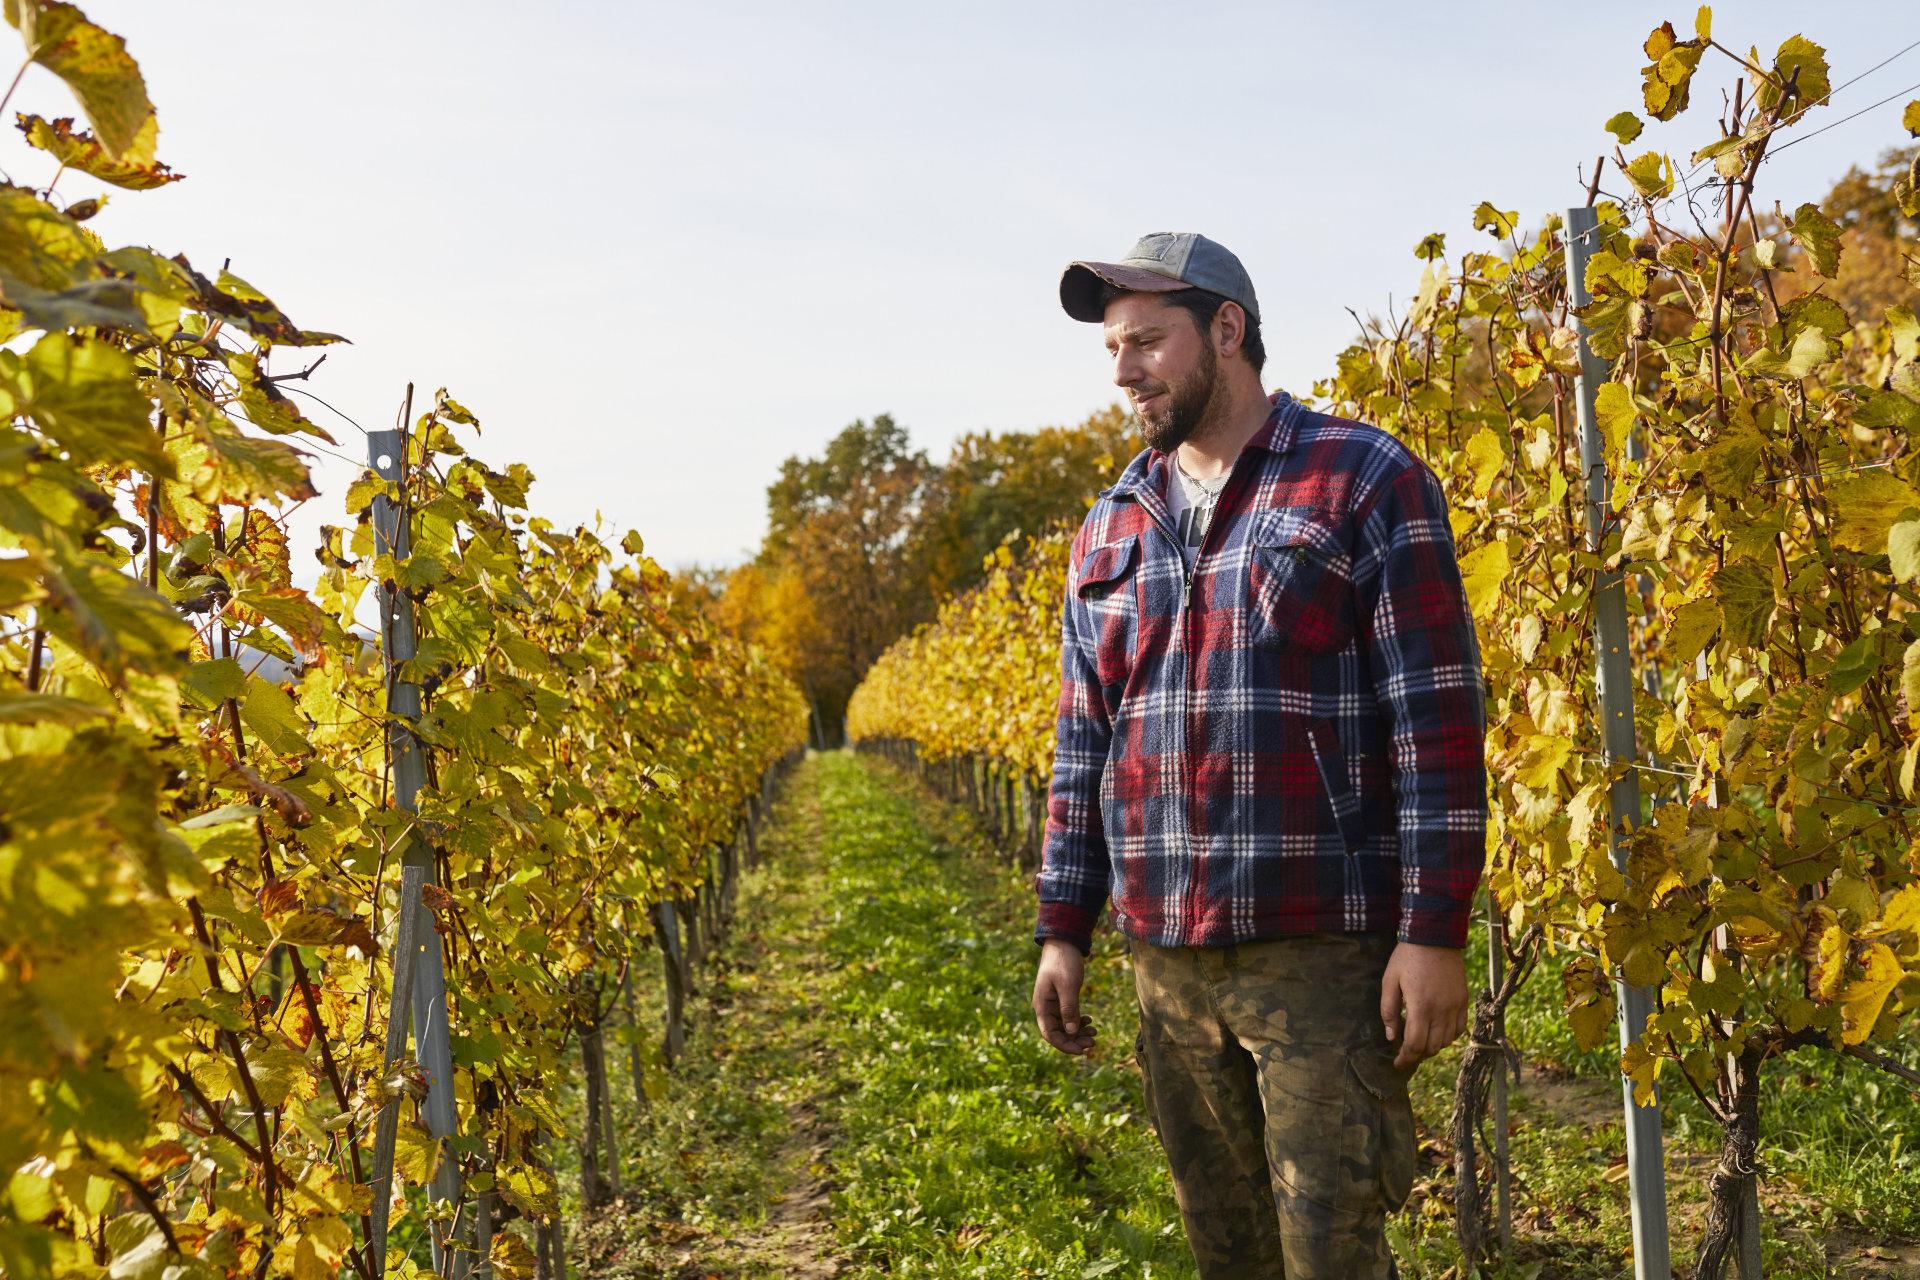 Fotografia portretowa pracownika winnicy